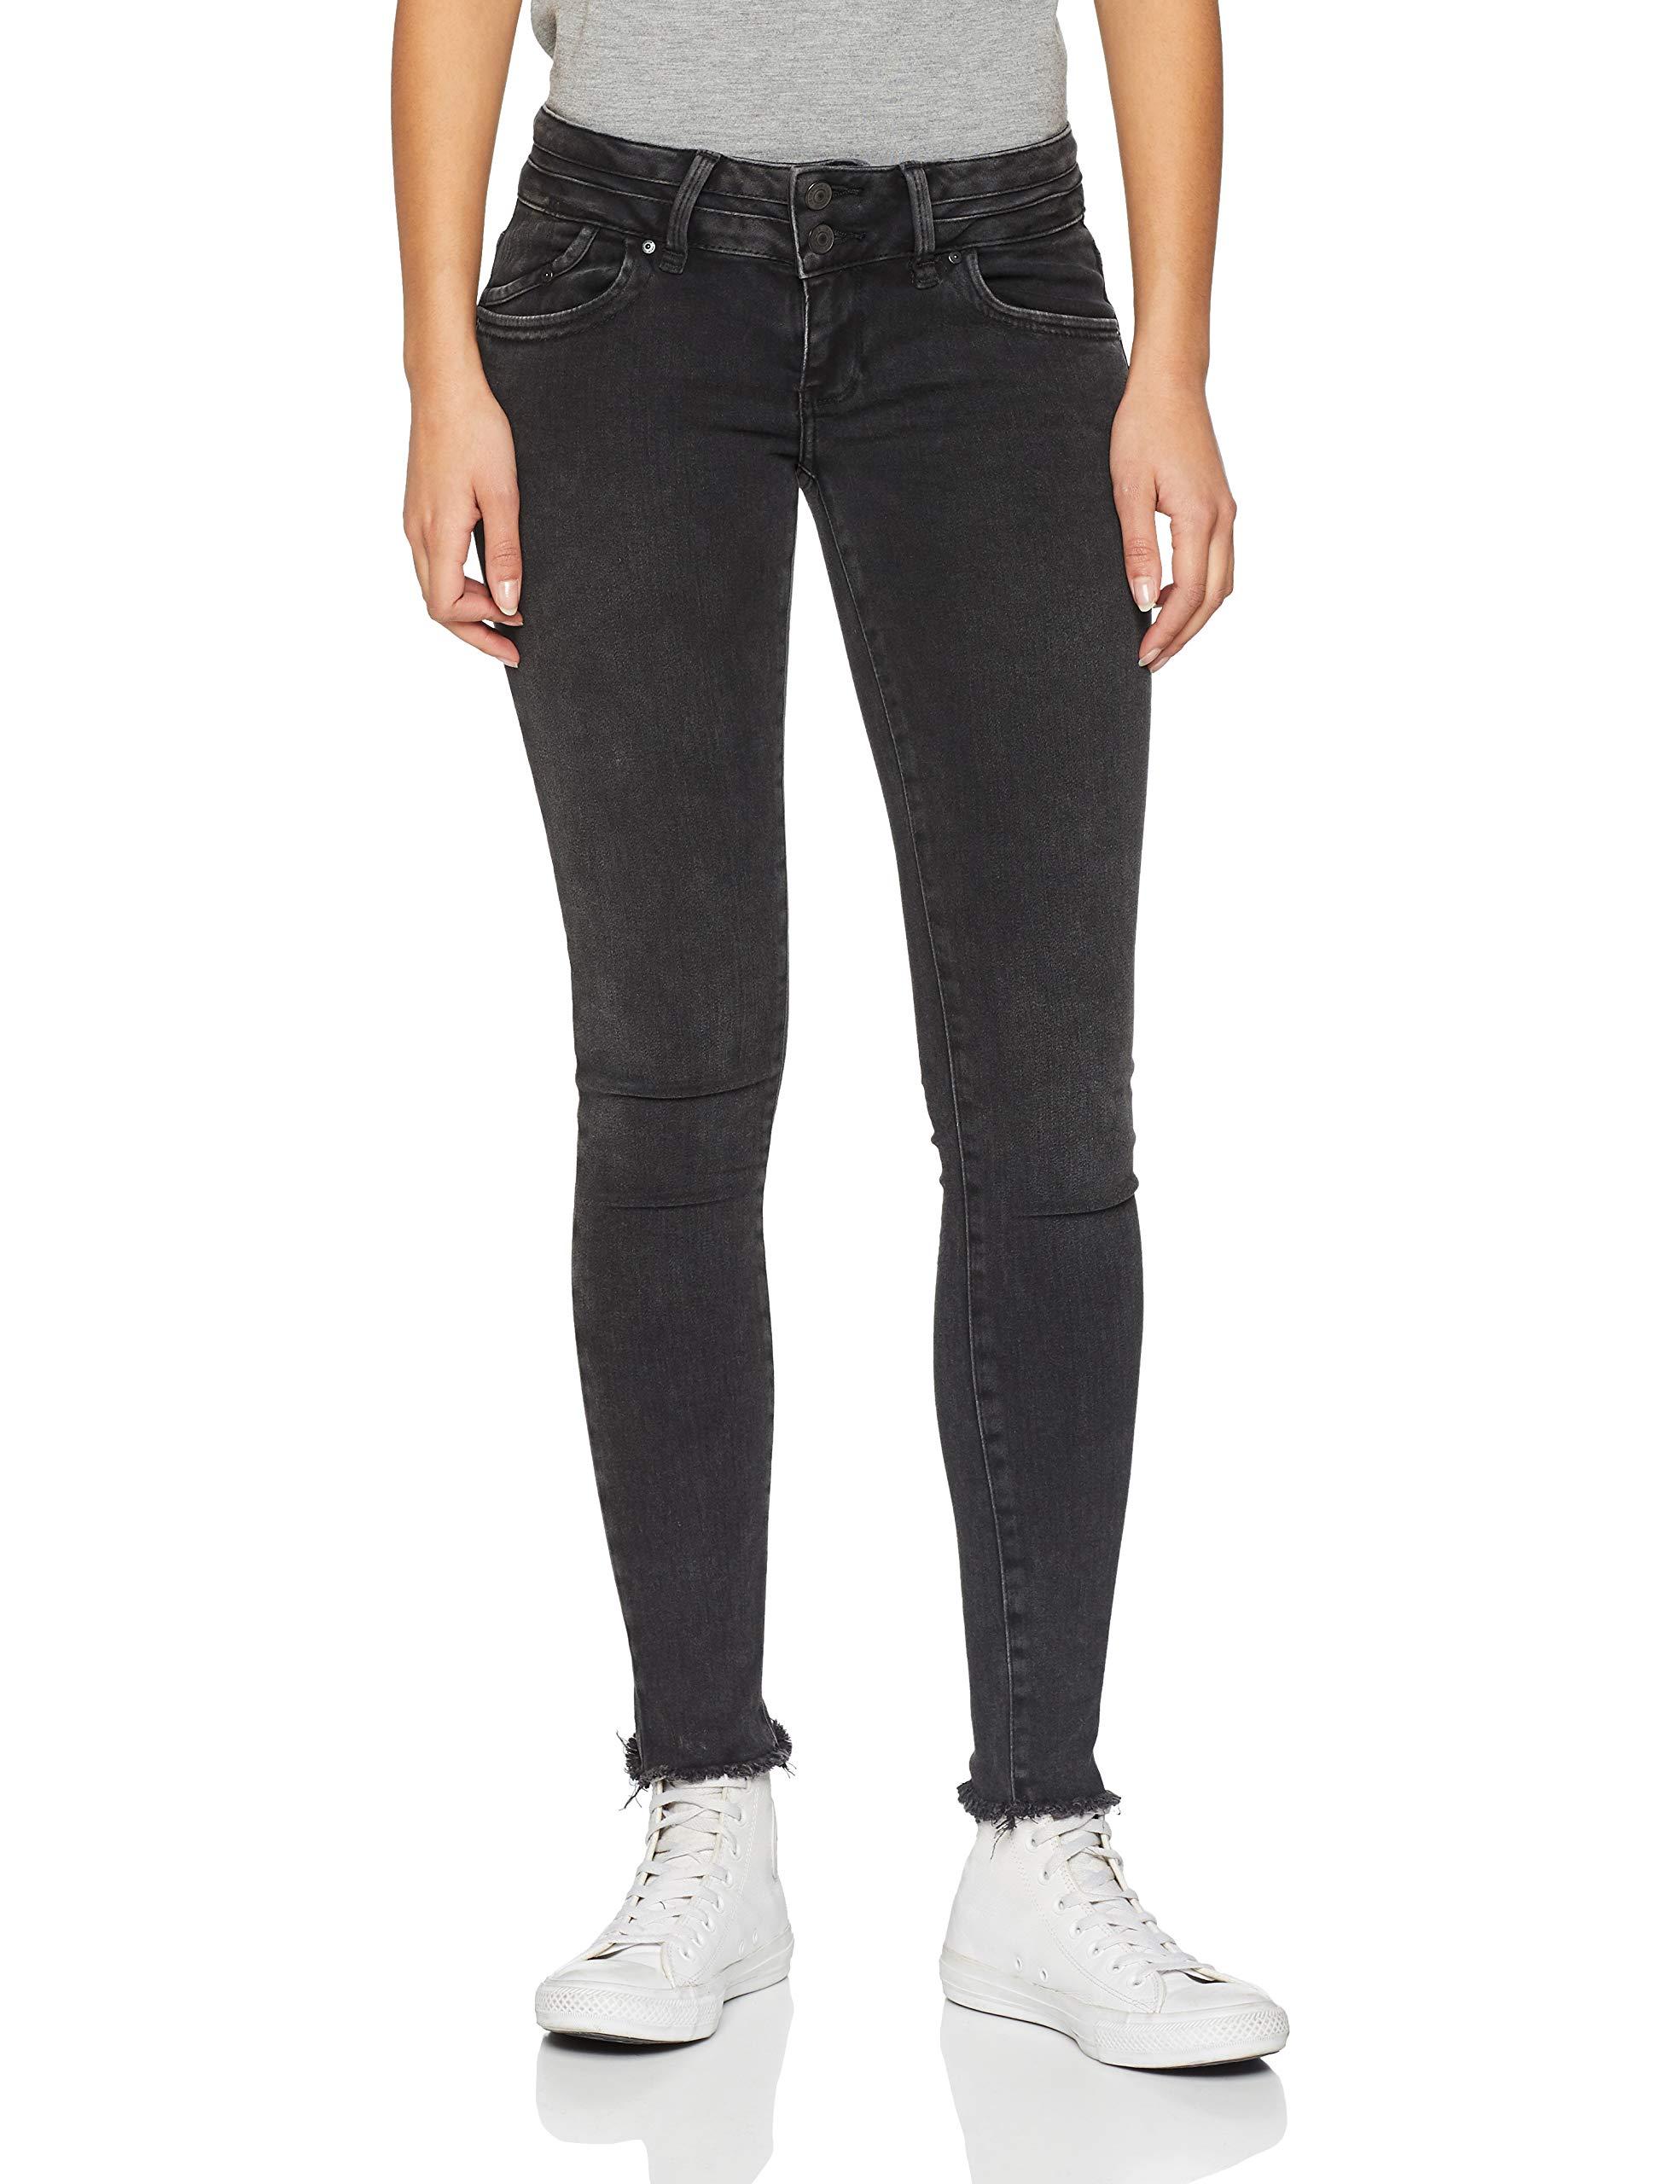 Julita Jean Femme X Wash 51789W29 Ltb Jeans SkinnyGrisshaila l34 k8nwOP0X